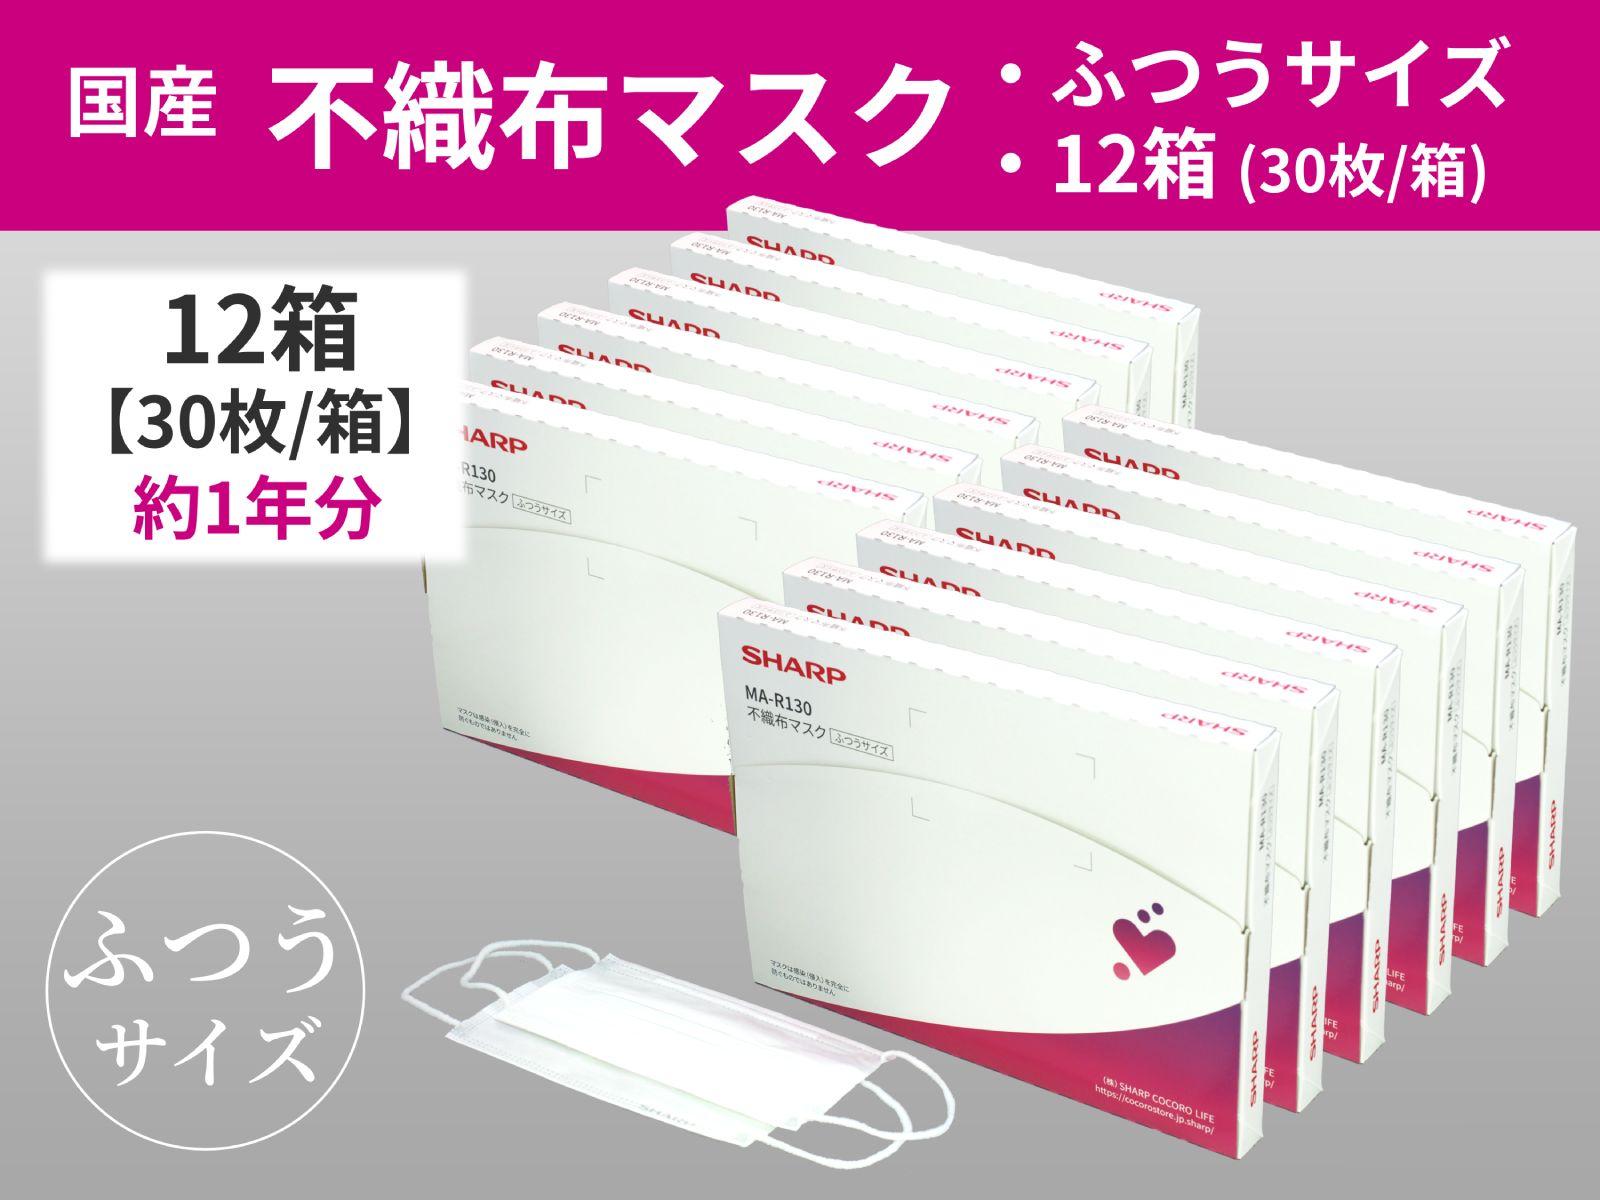 SH-03 シャープ製不織布マスク ふつうサイズ 30枚入×12箱